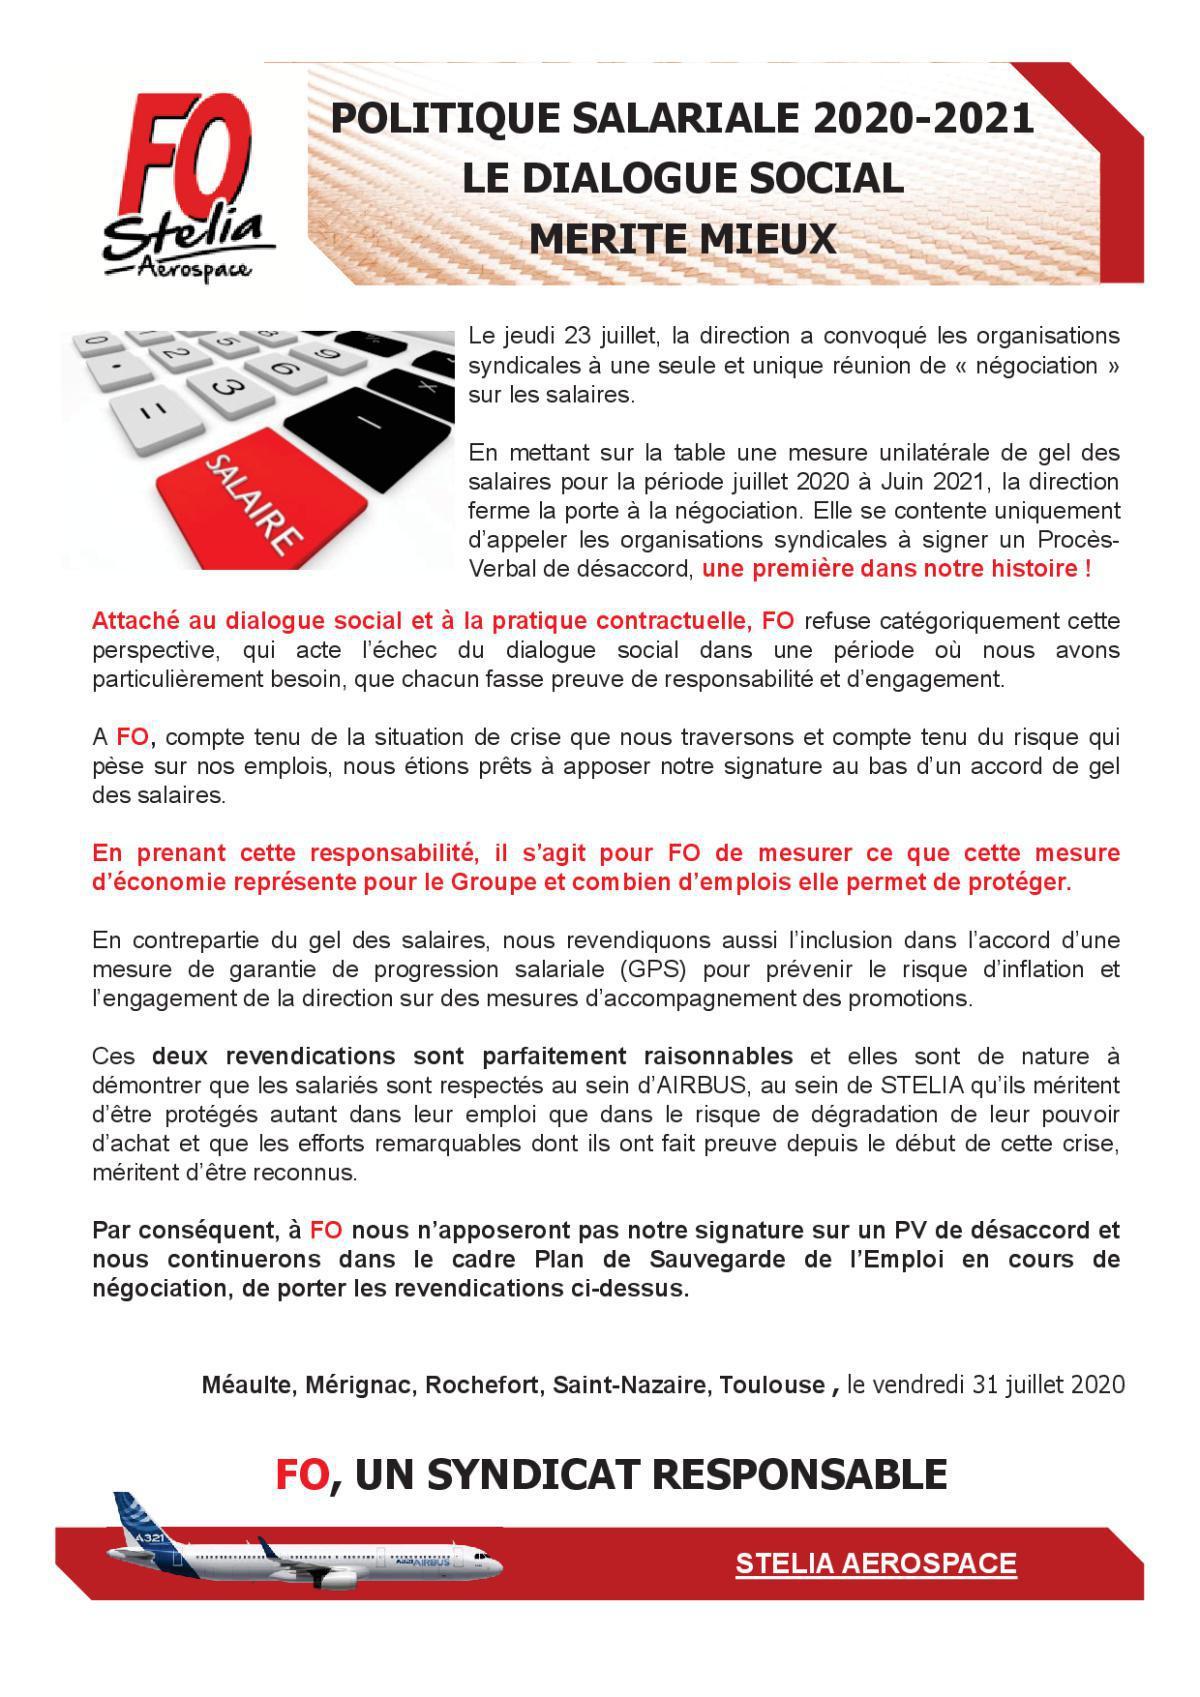 Politique Salariale 2020-2021 – Le Dialogue Social mérite mieux !